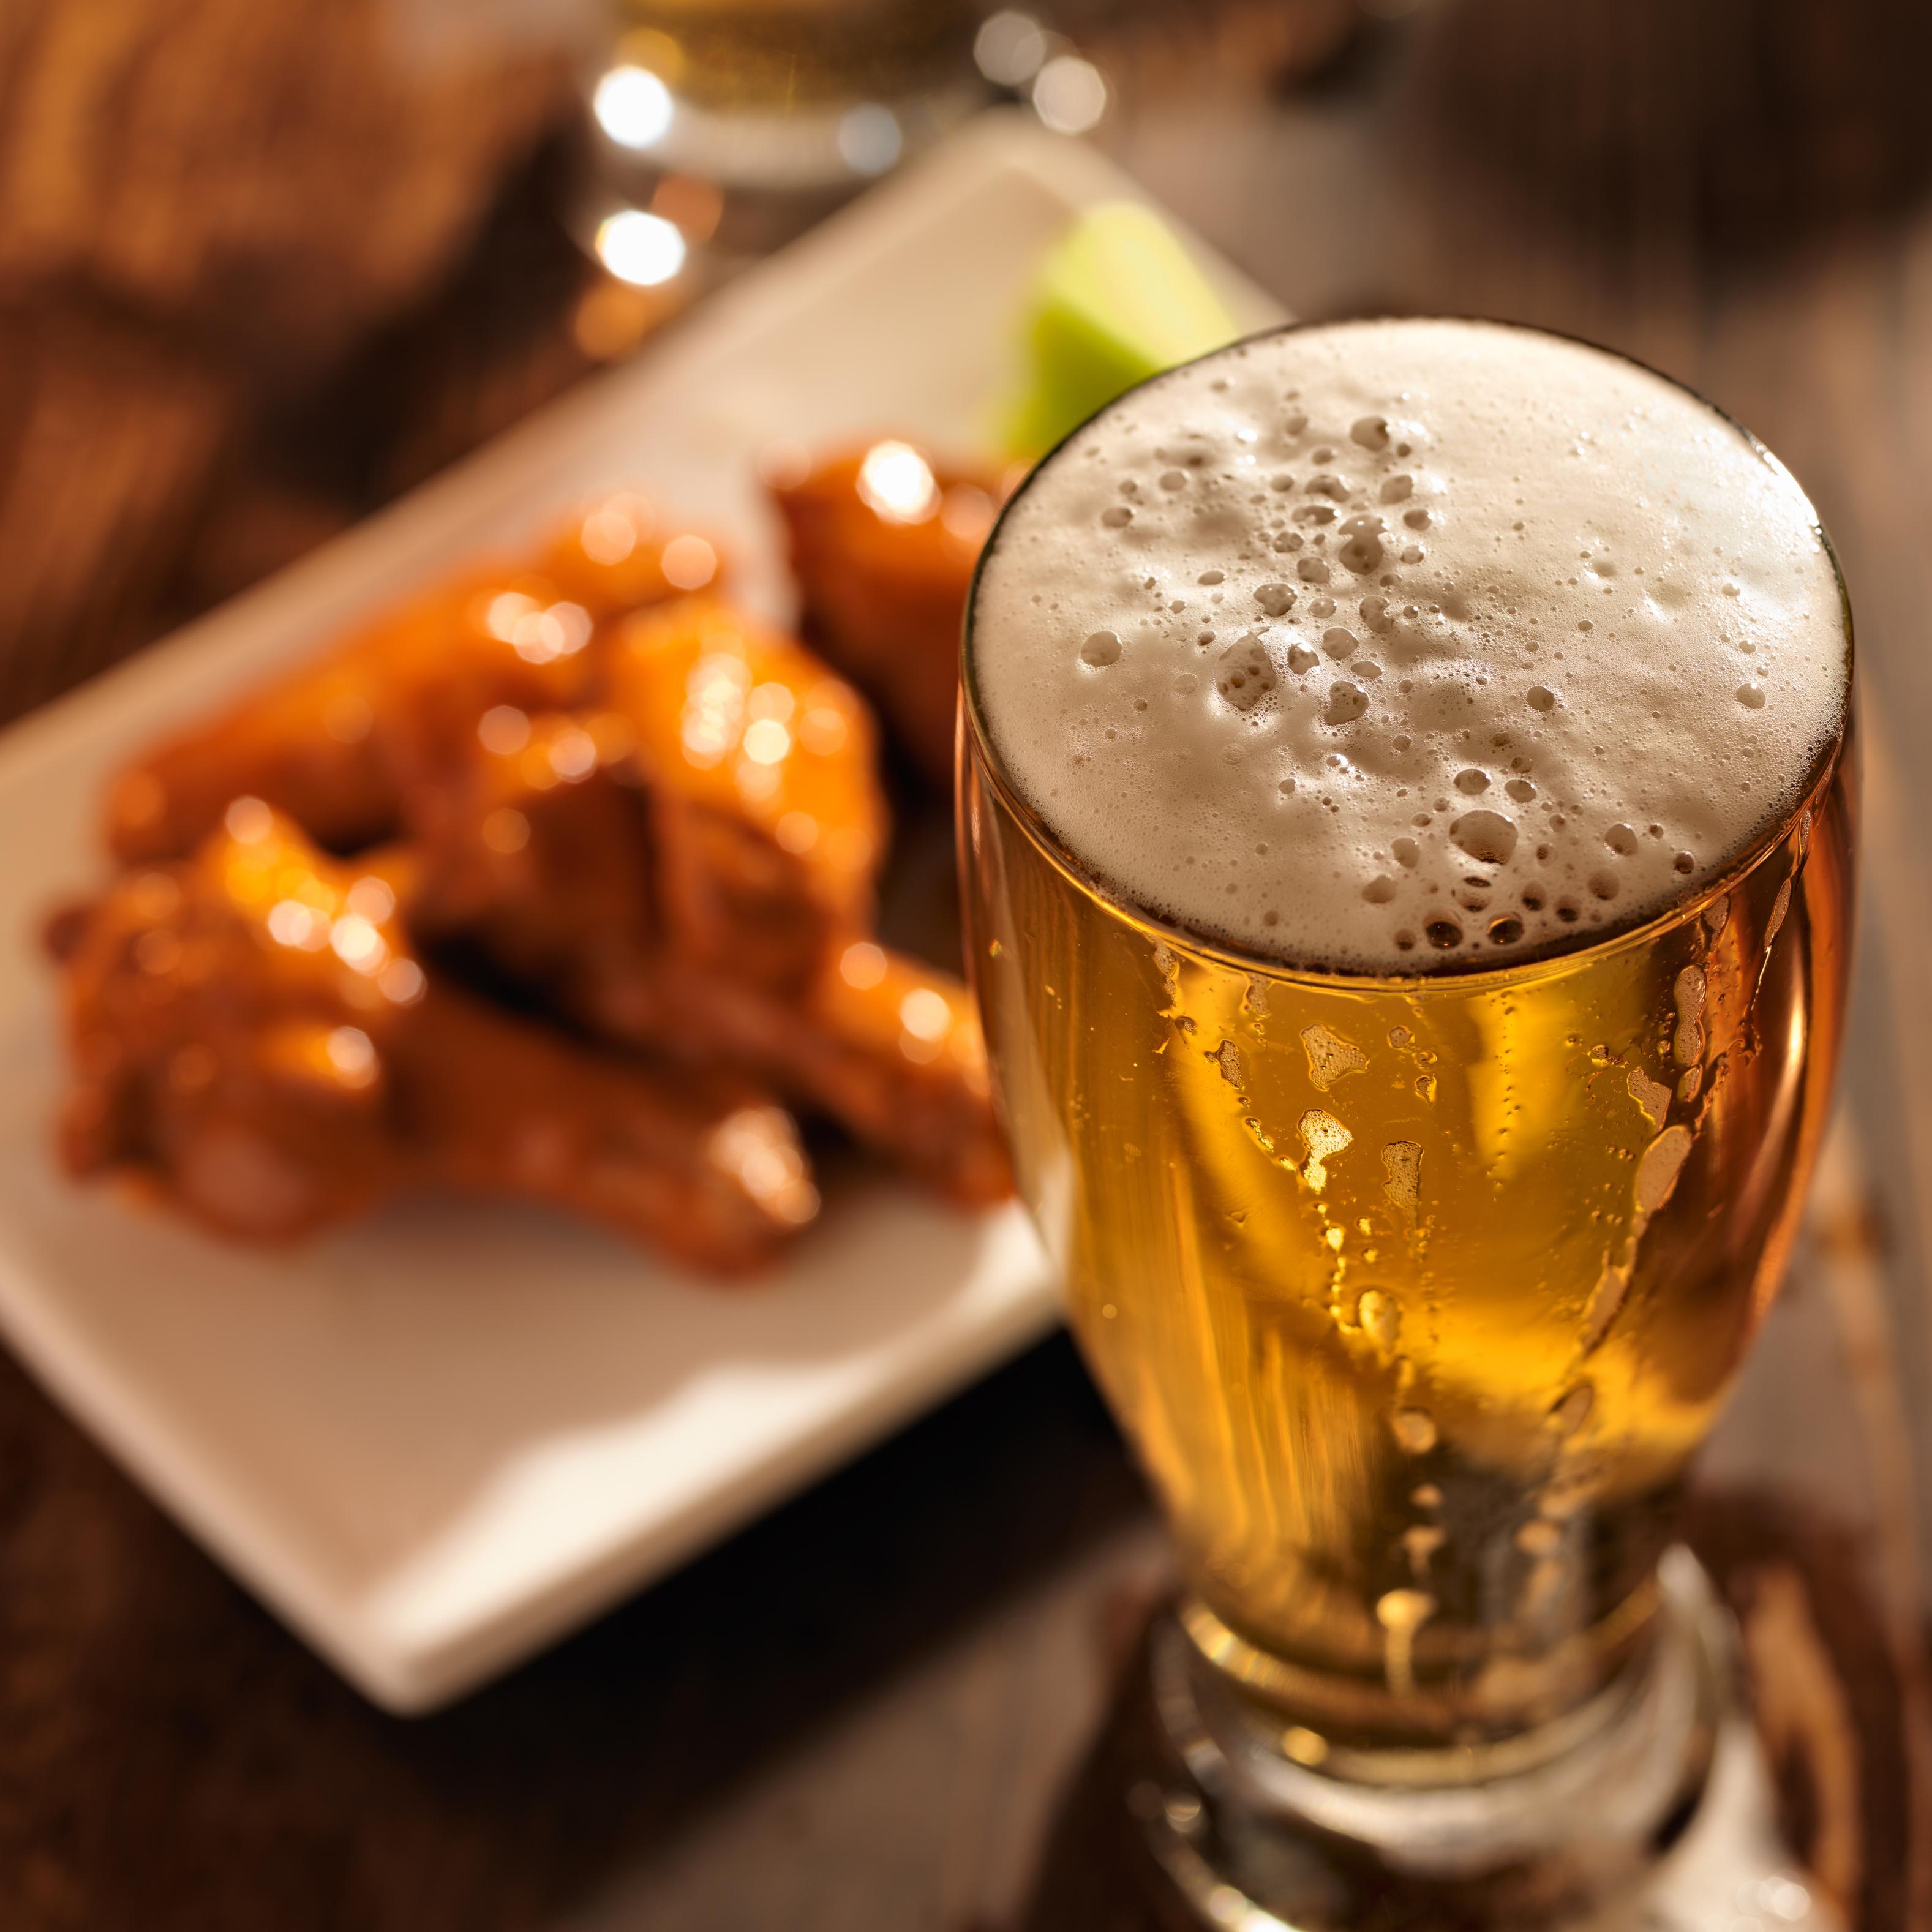 bar food menu bars beer snacks wings night chicken wtop plate barfood